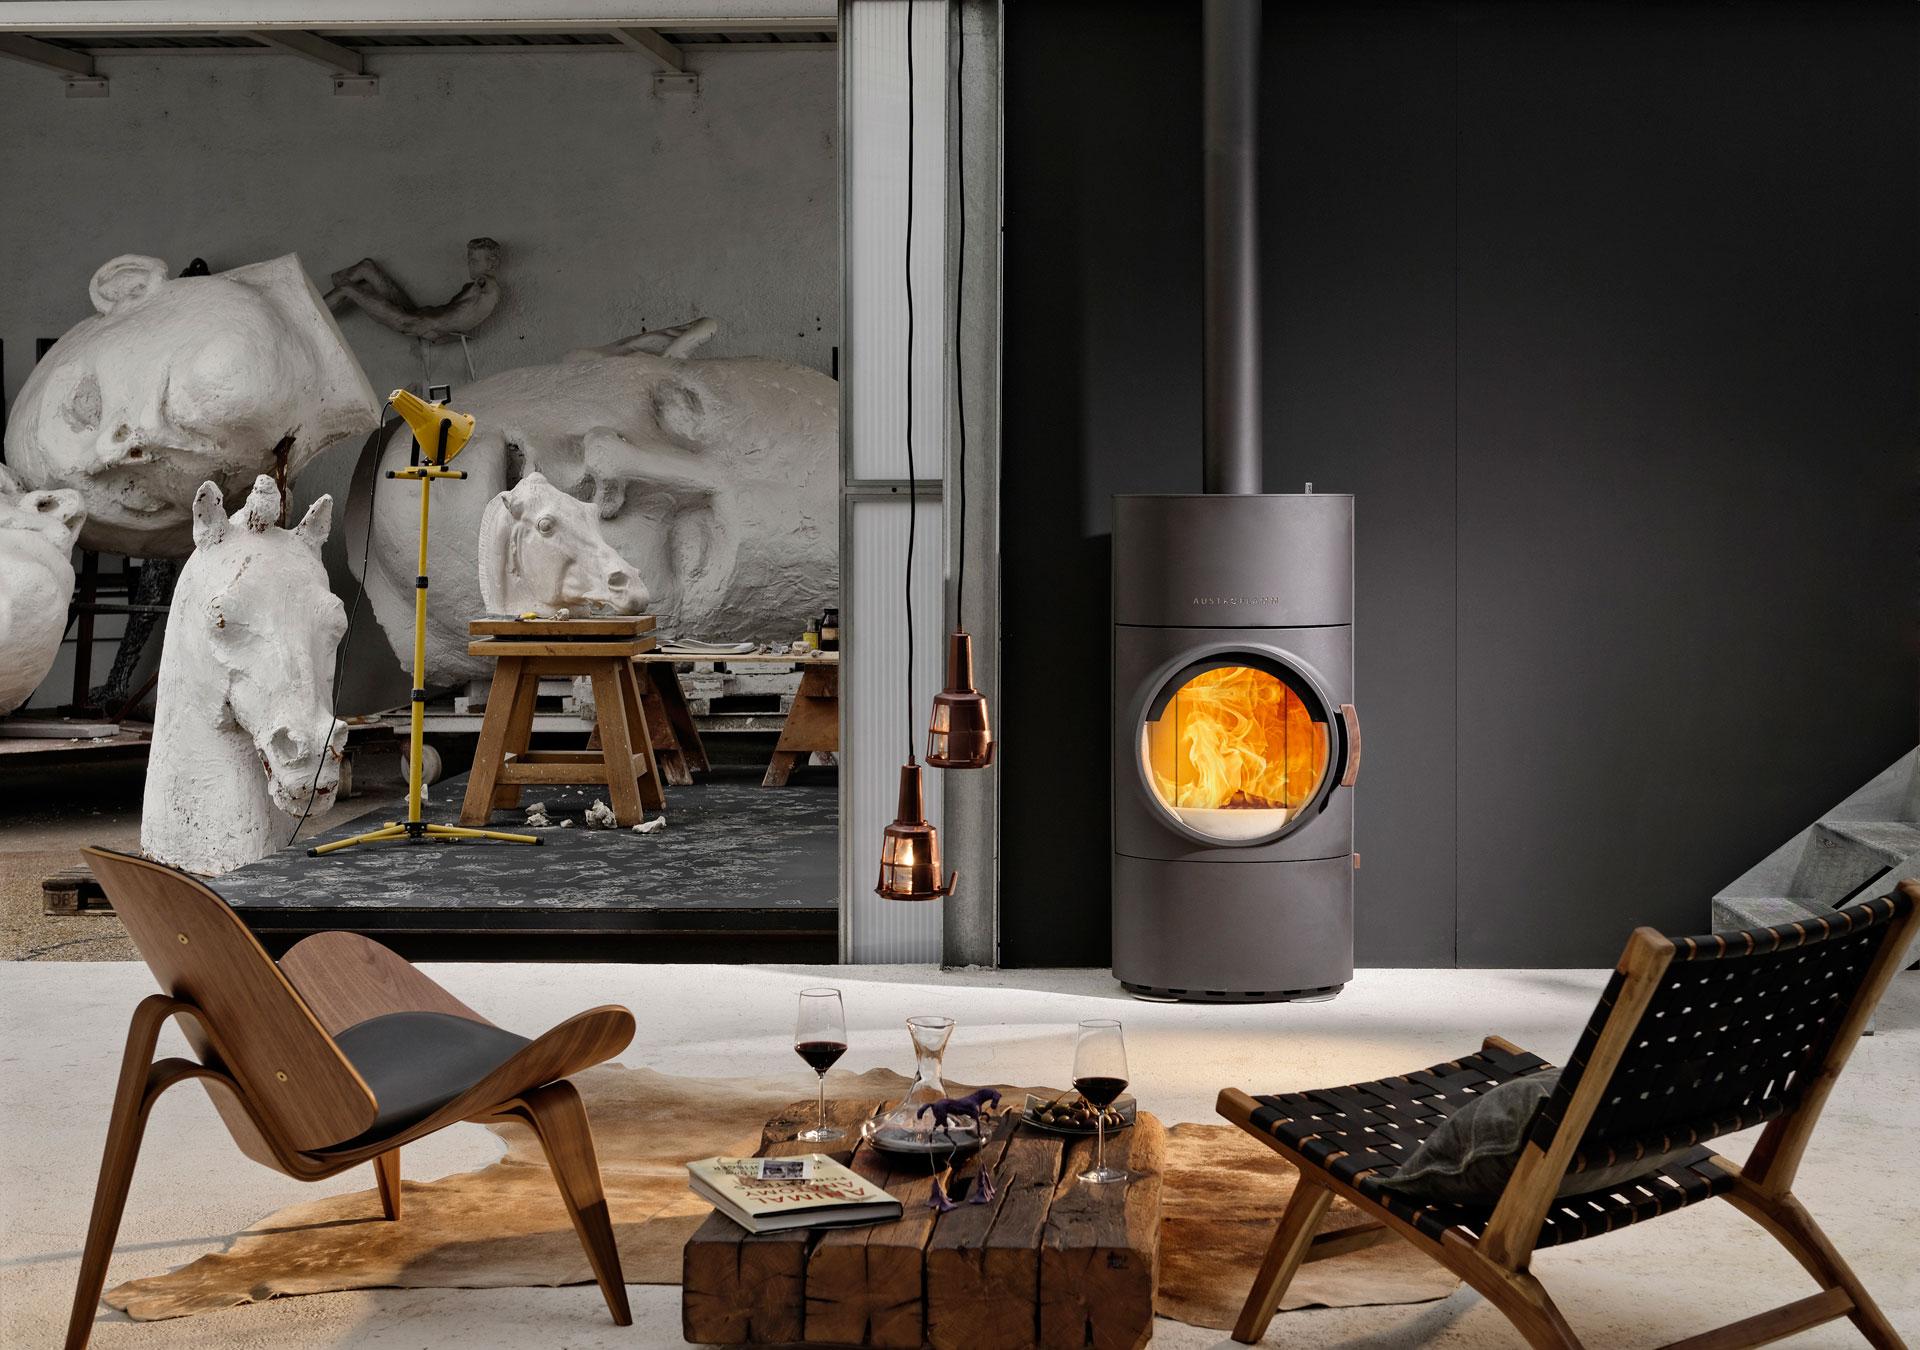 hochwertige kamine saunen und fen ofenstudio lugt. Black Bedroom Furniture Sets. Home Design Ideas